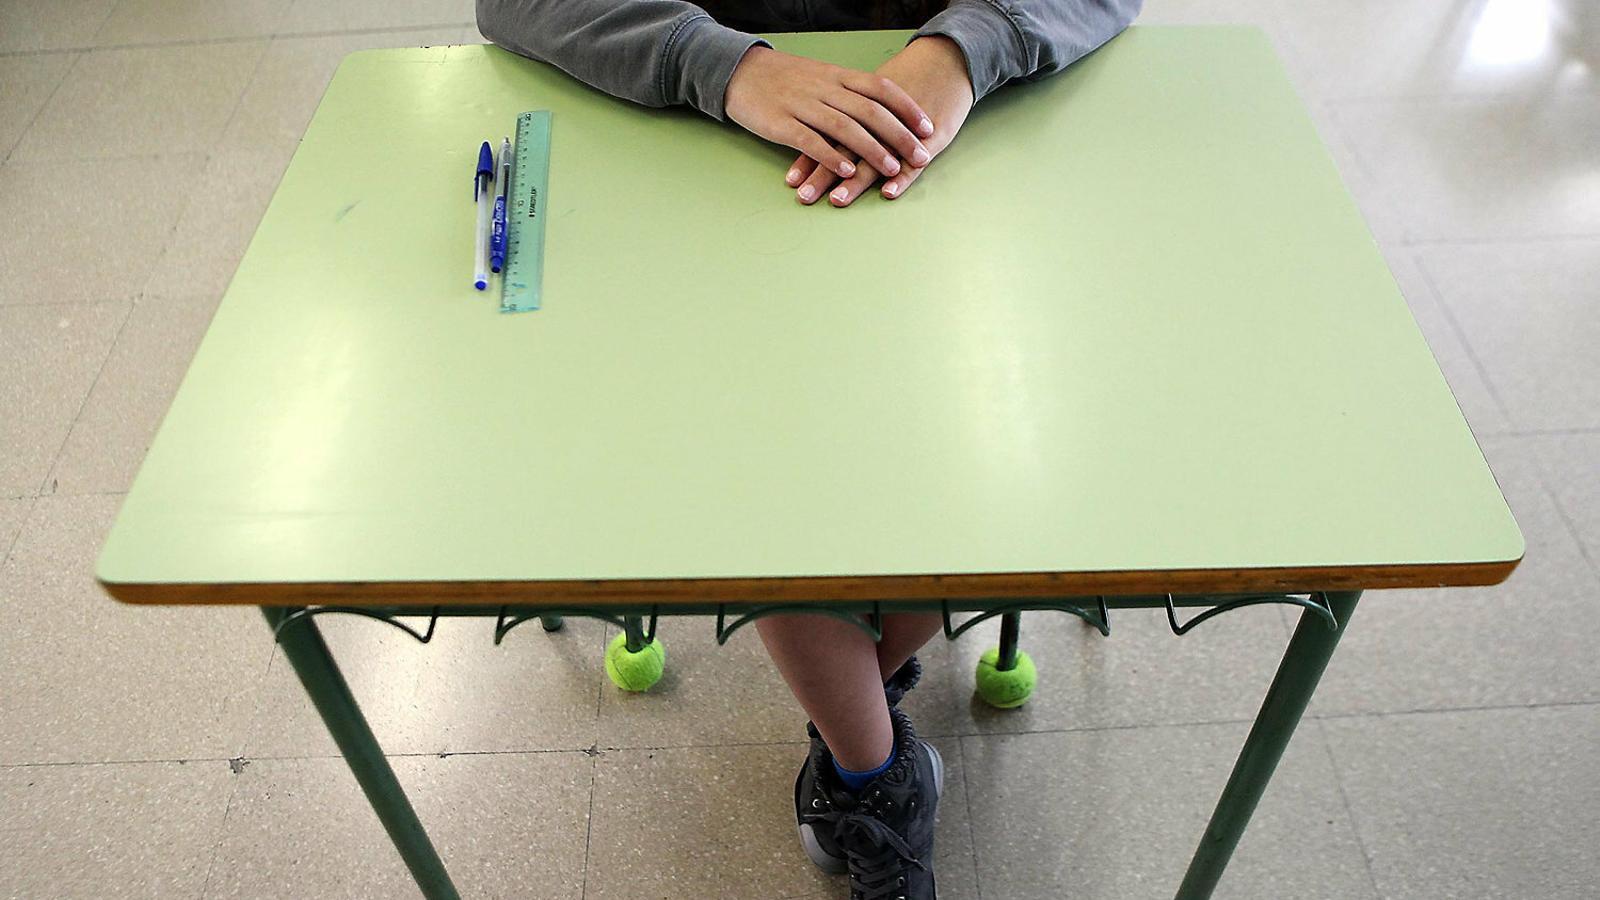 Educació afirma que la gravació feta  a una classe d'un institut de Palma és il·legal